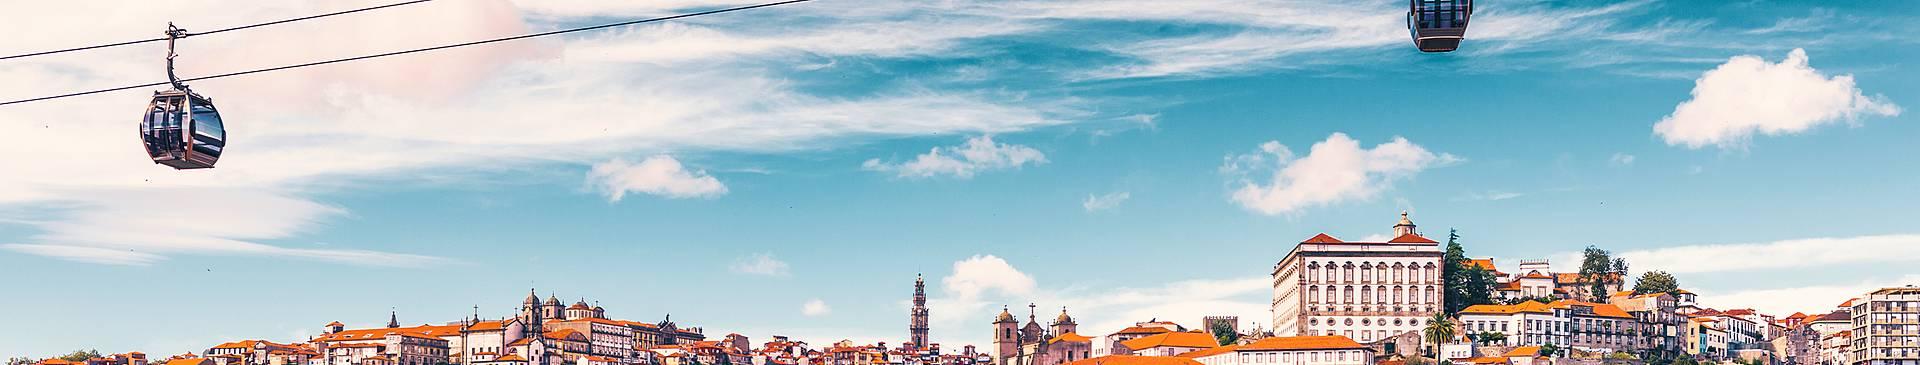 Il tuo weekend in una città del Portogallo